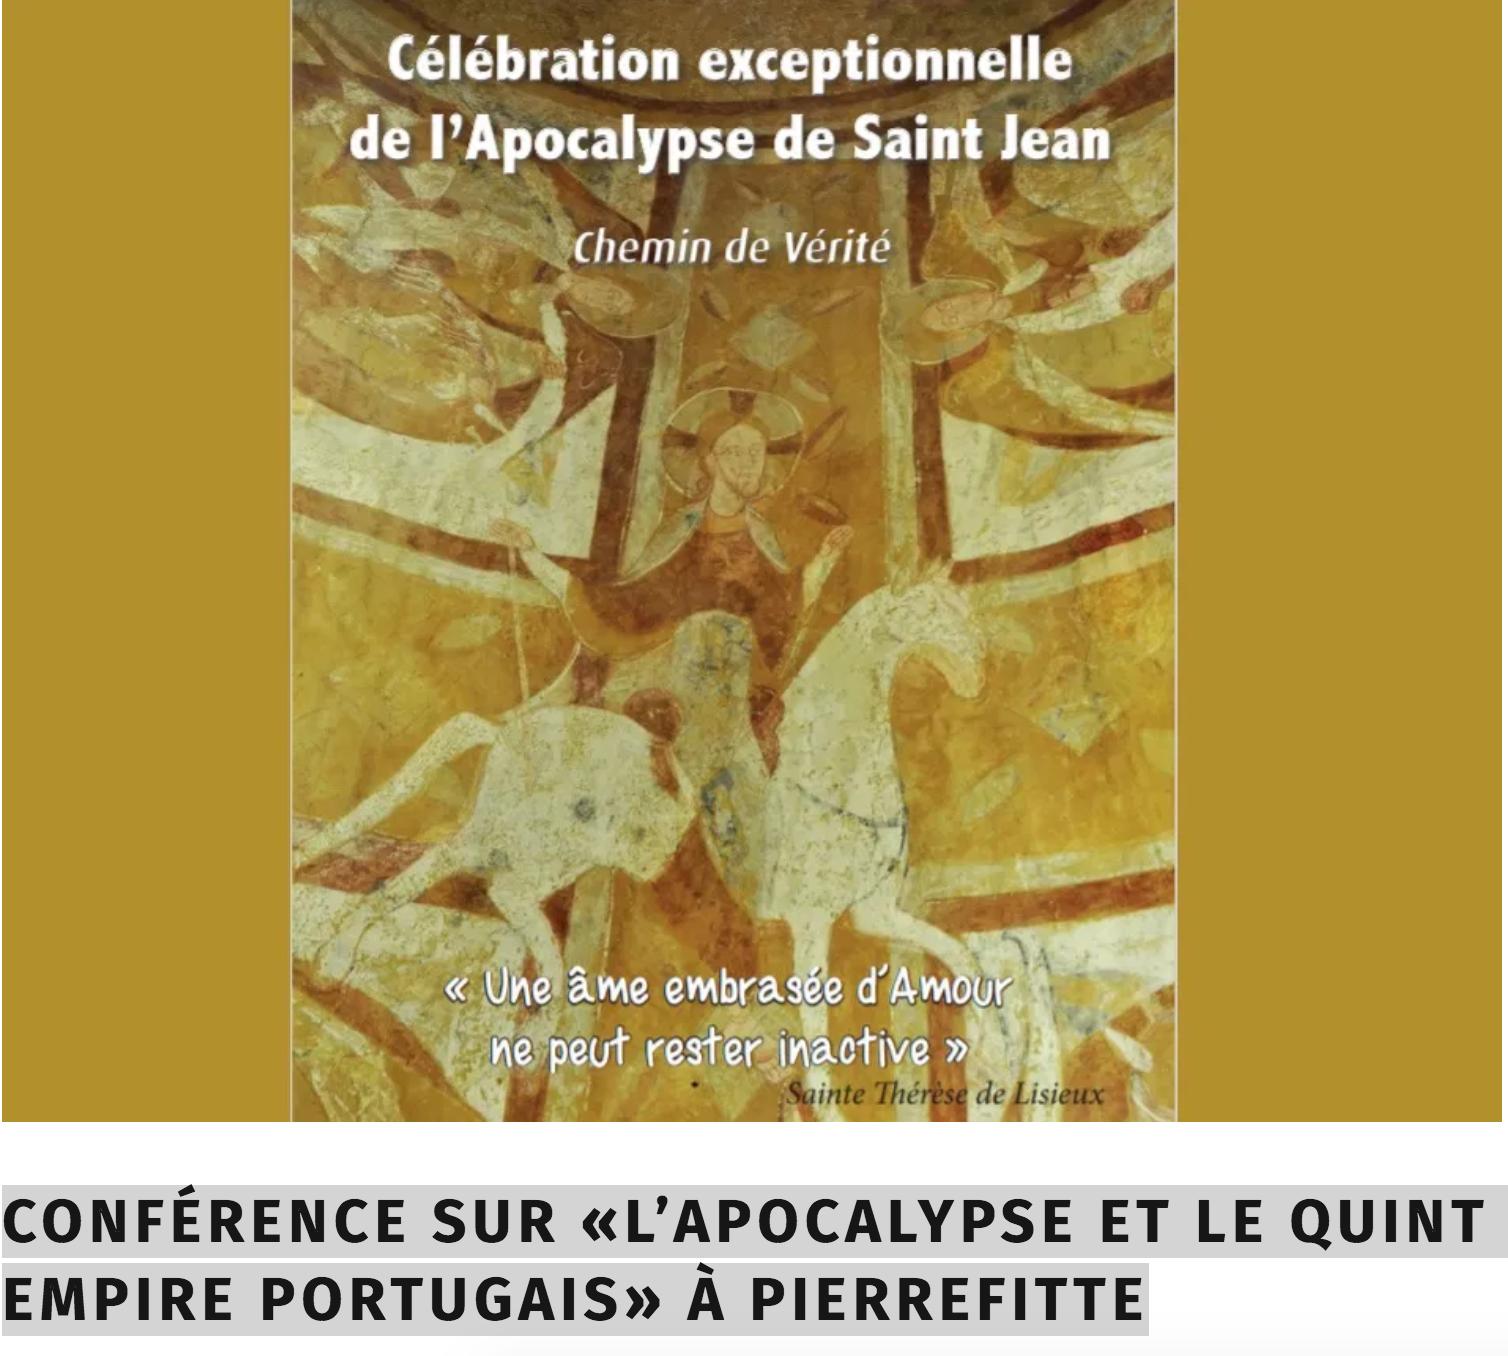 Célébration exceptionnelle de l'Apocalypse de Saint Jean et conférence sur «L'Apocalypse et le Quint Empire portugais» à Pierrefitte